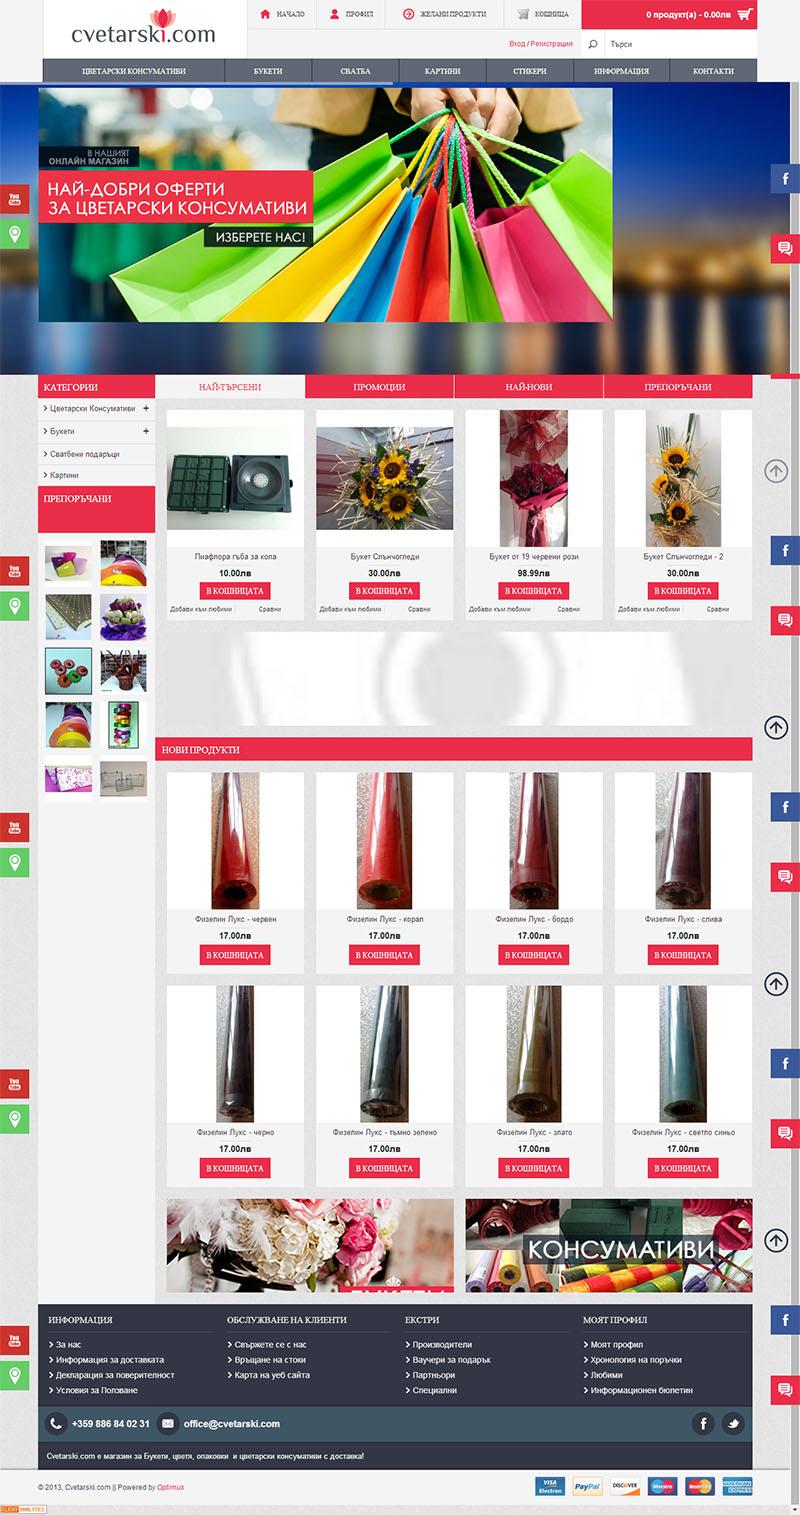 Онлайн магазин за цветарски консумативи